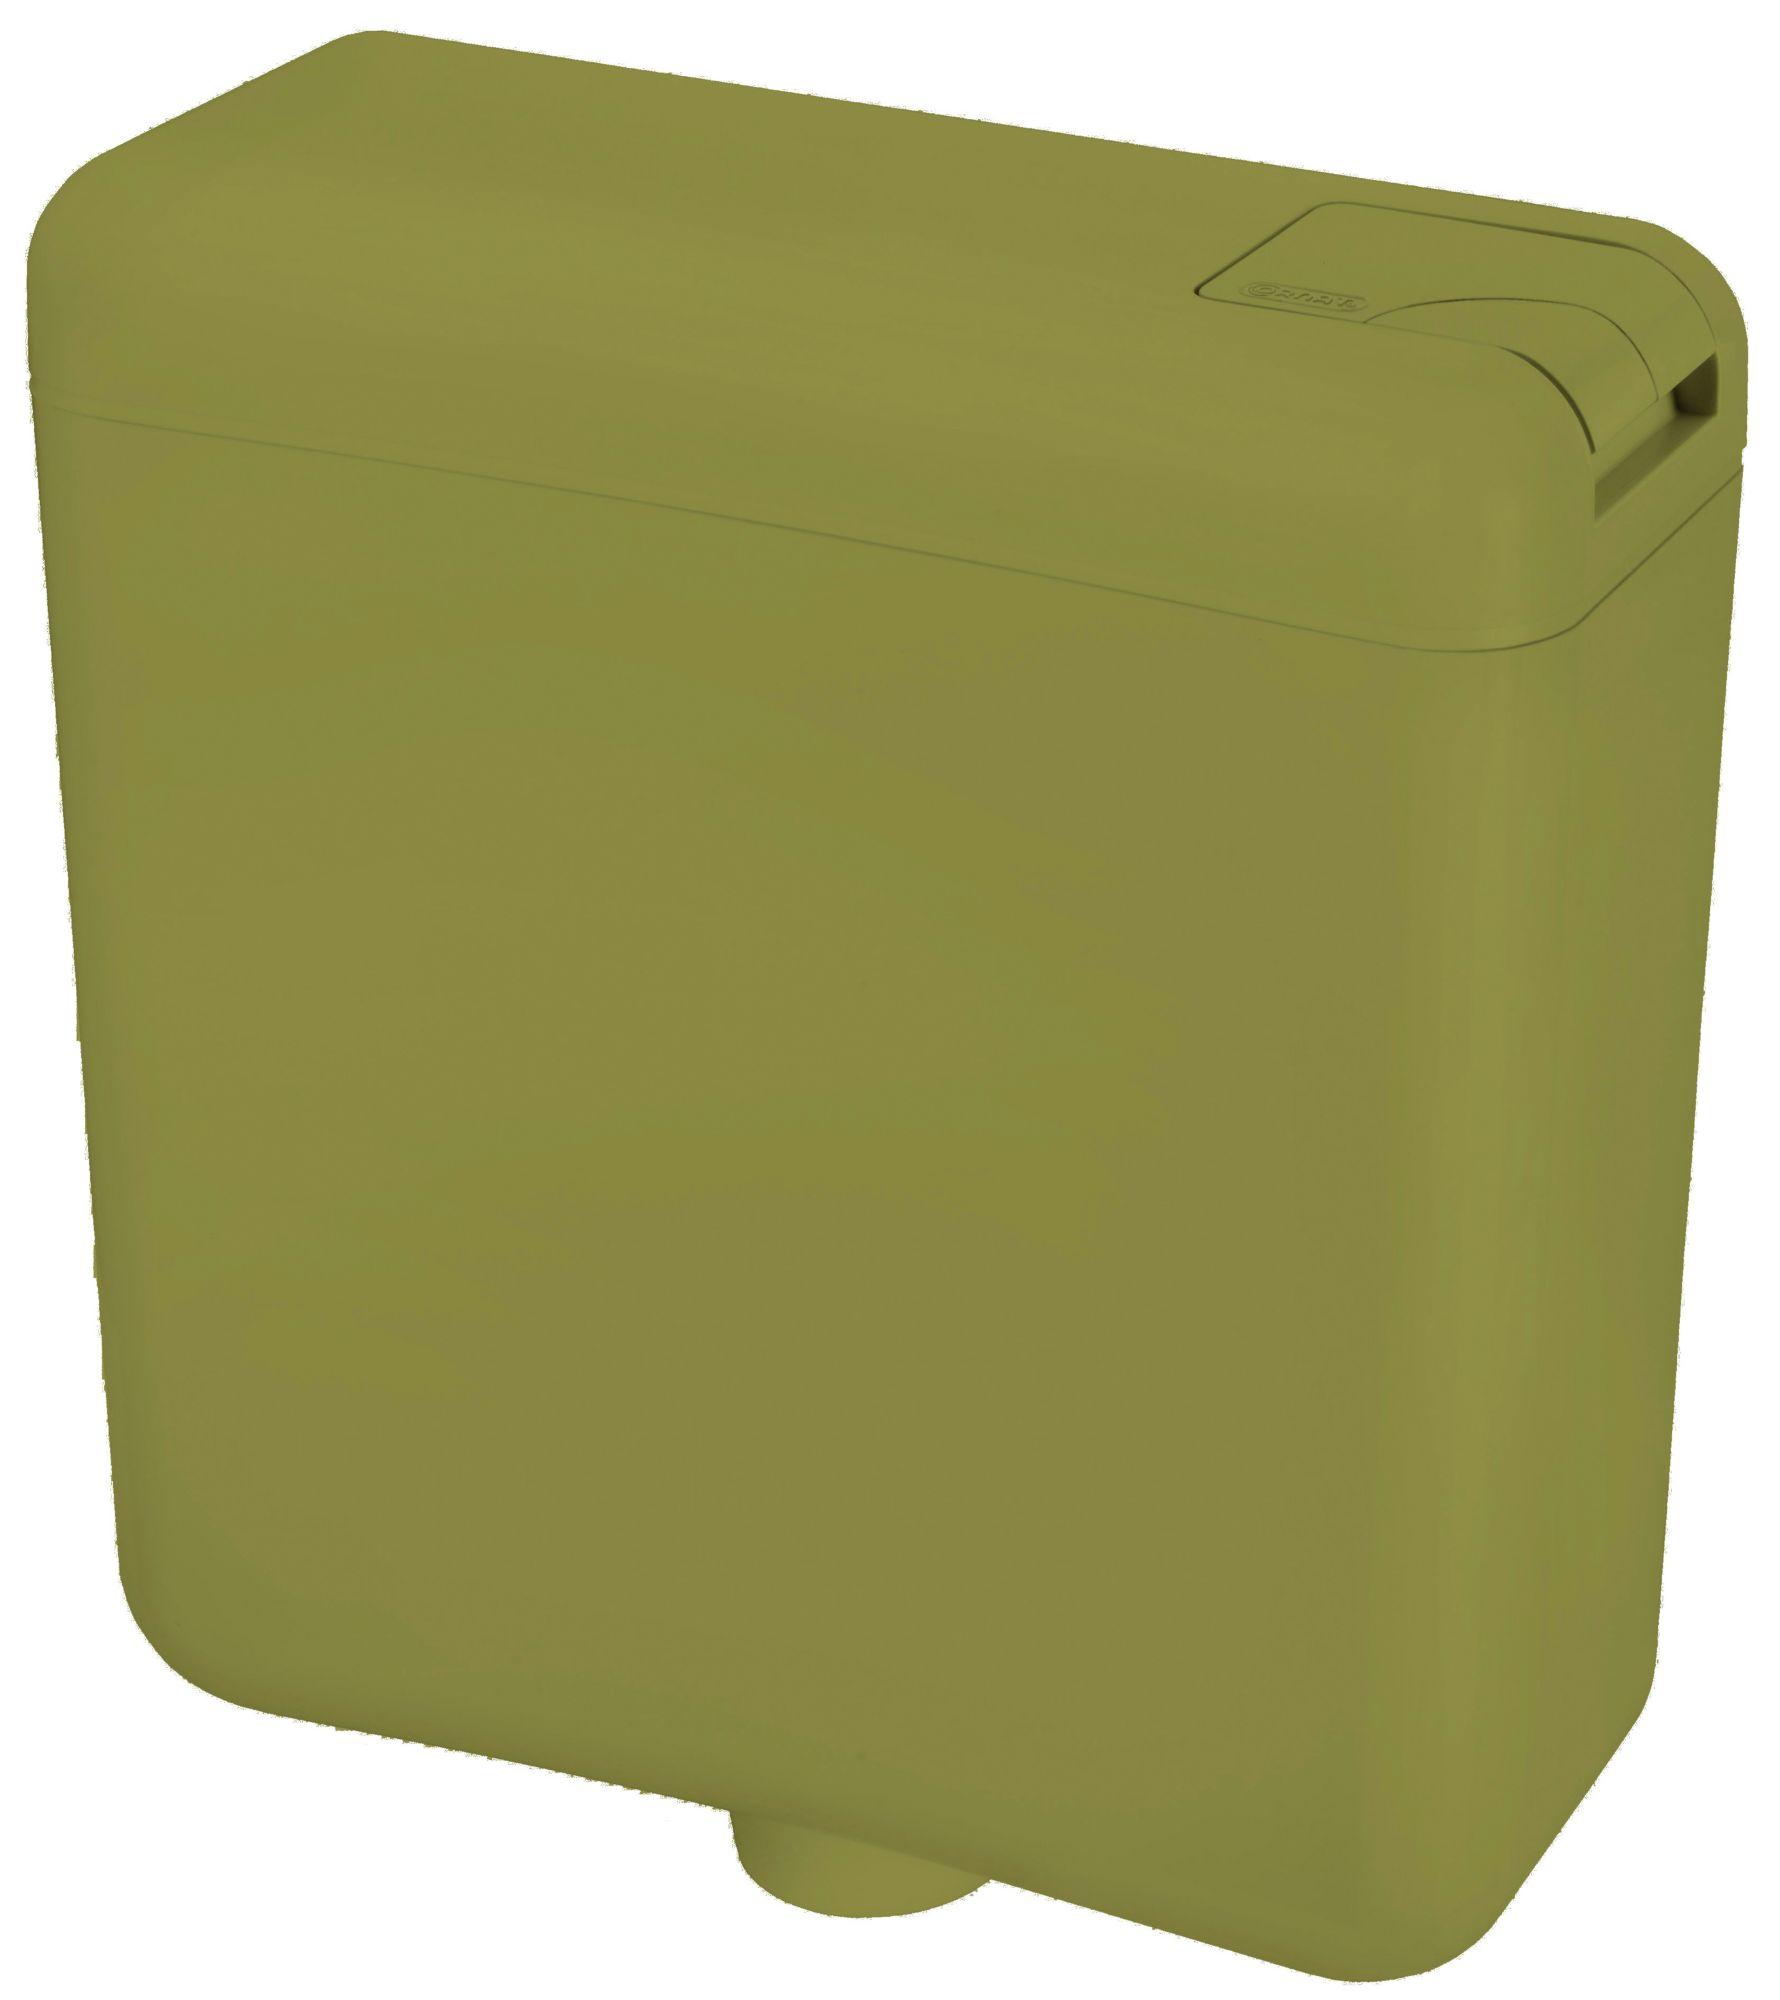 CORNAT Cornat WC-Spülkasten, moosgrün